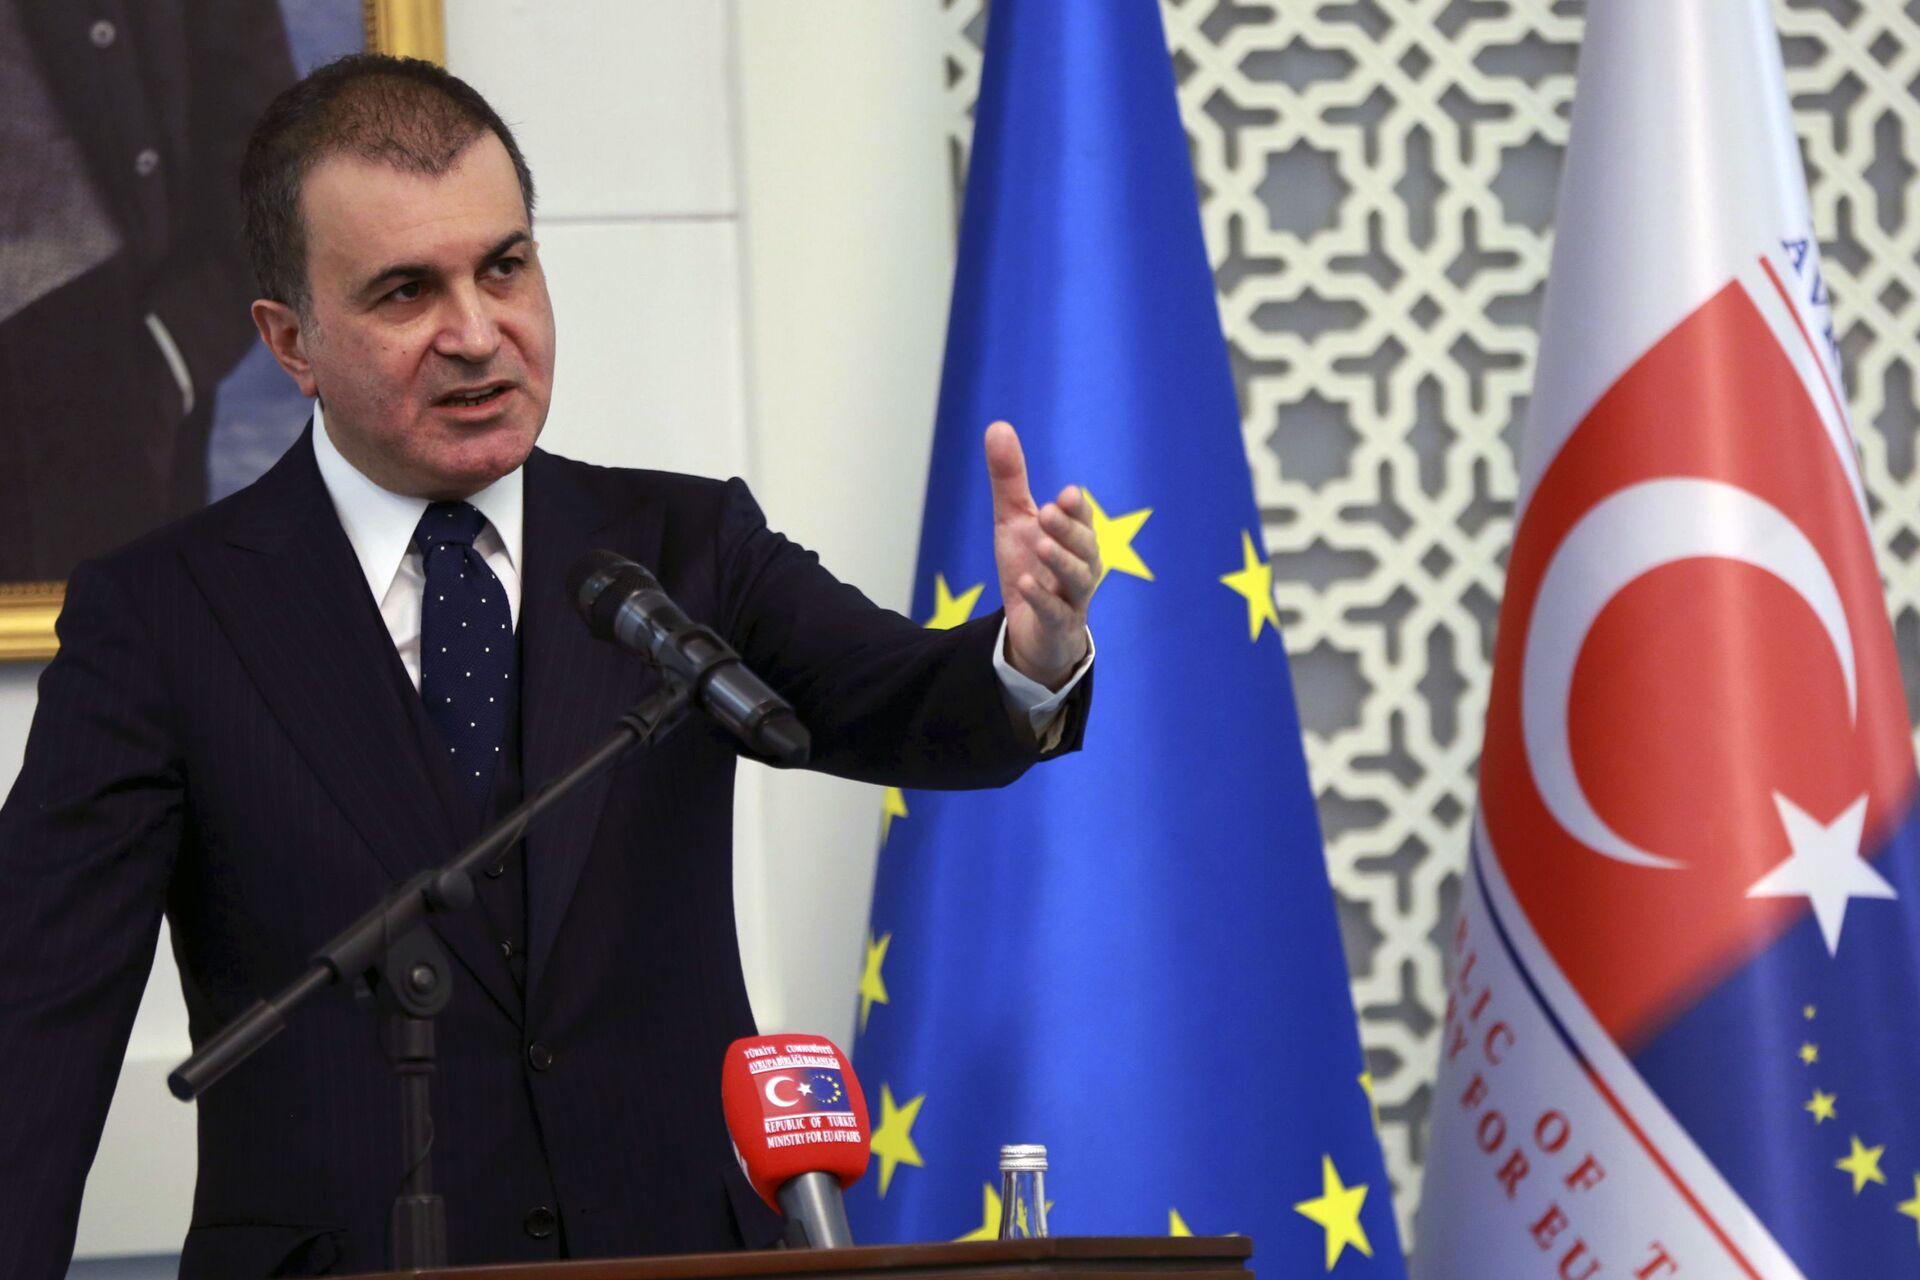 Omer Celik, portavoce del partito della Giustizia e dello Sviluppo (AKP) al governo turco - Sputnik Italia, 1920, 23.08.2021